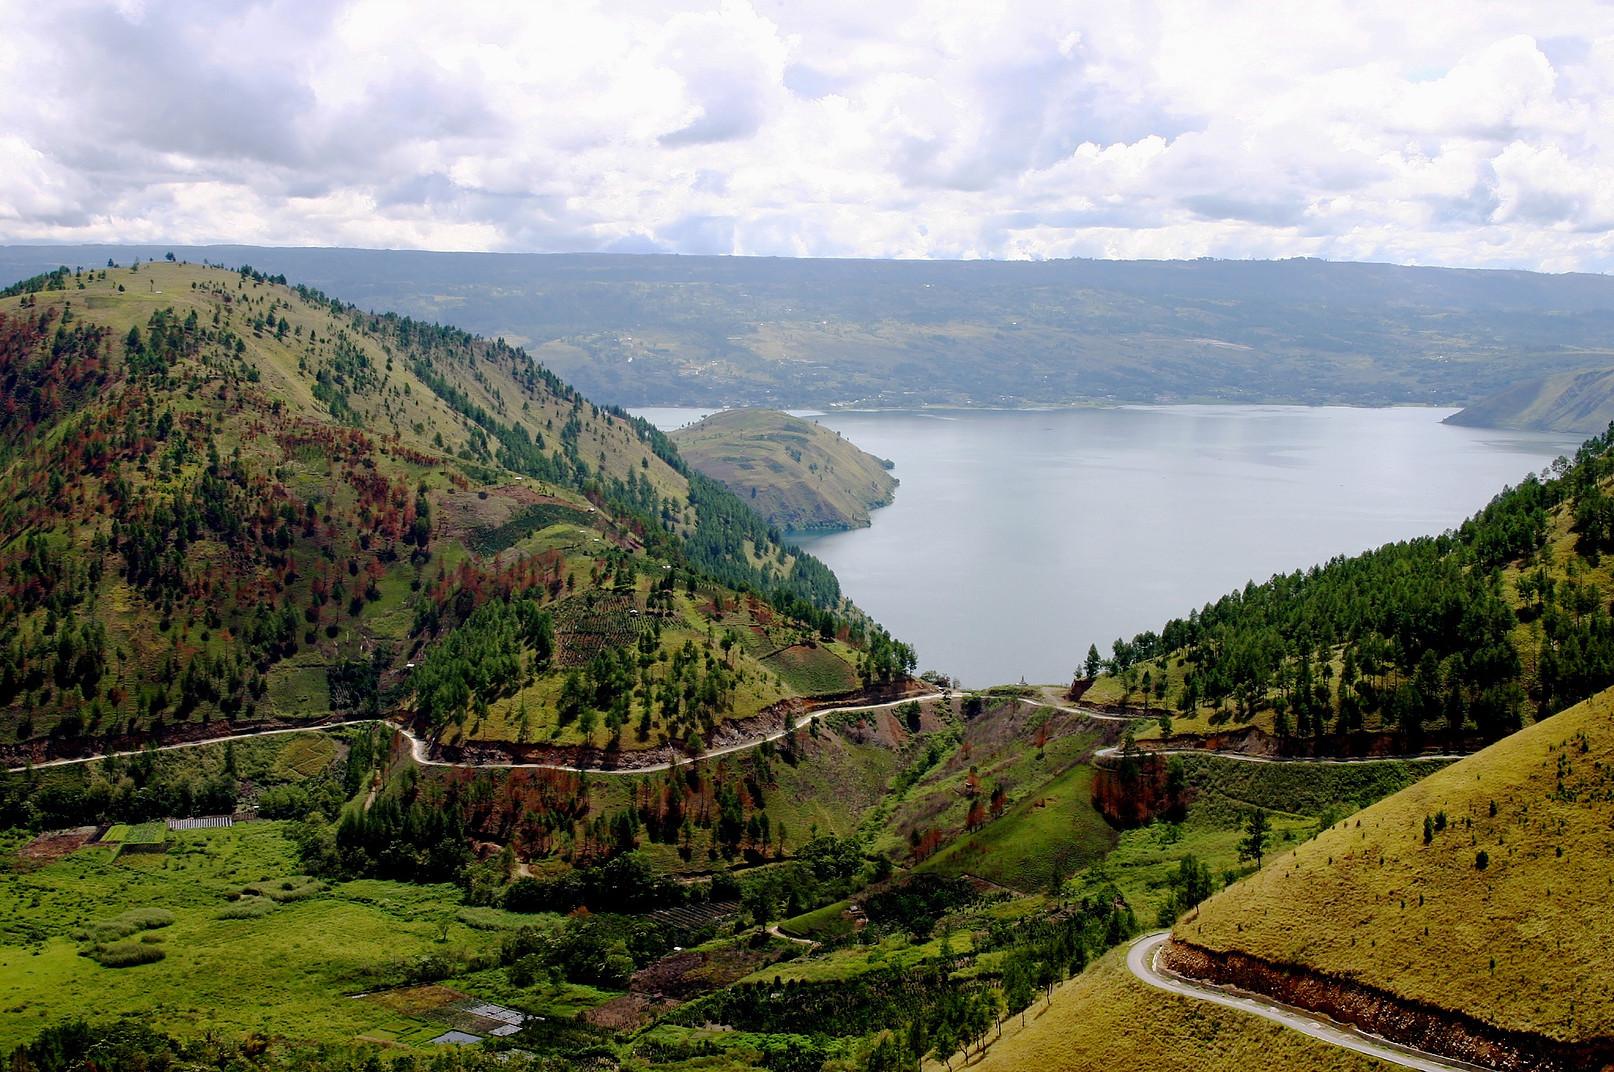 Voyage vélo Indonésie, Voyages d'Ailleurs, lac Toba